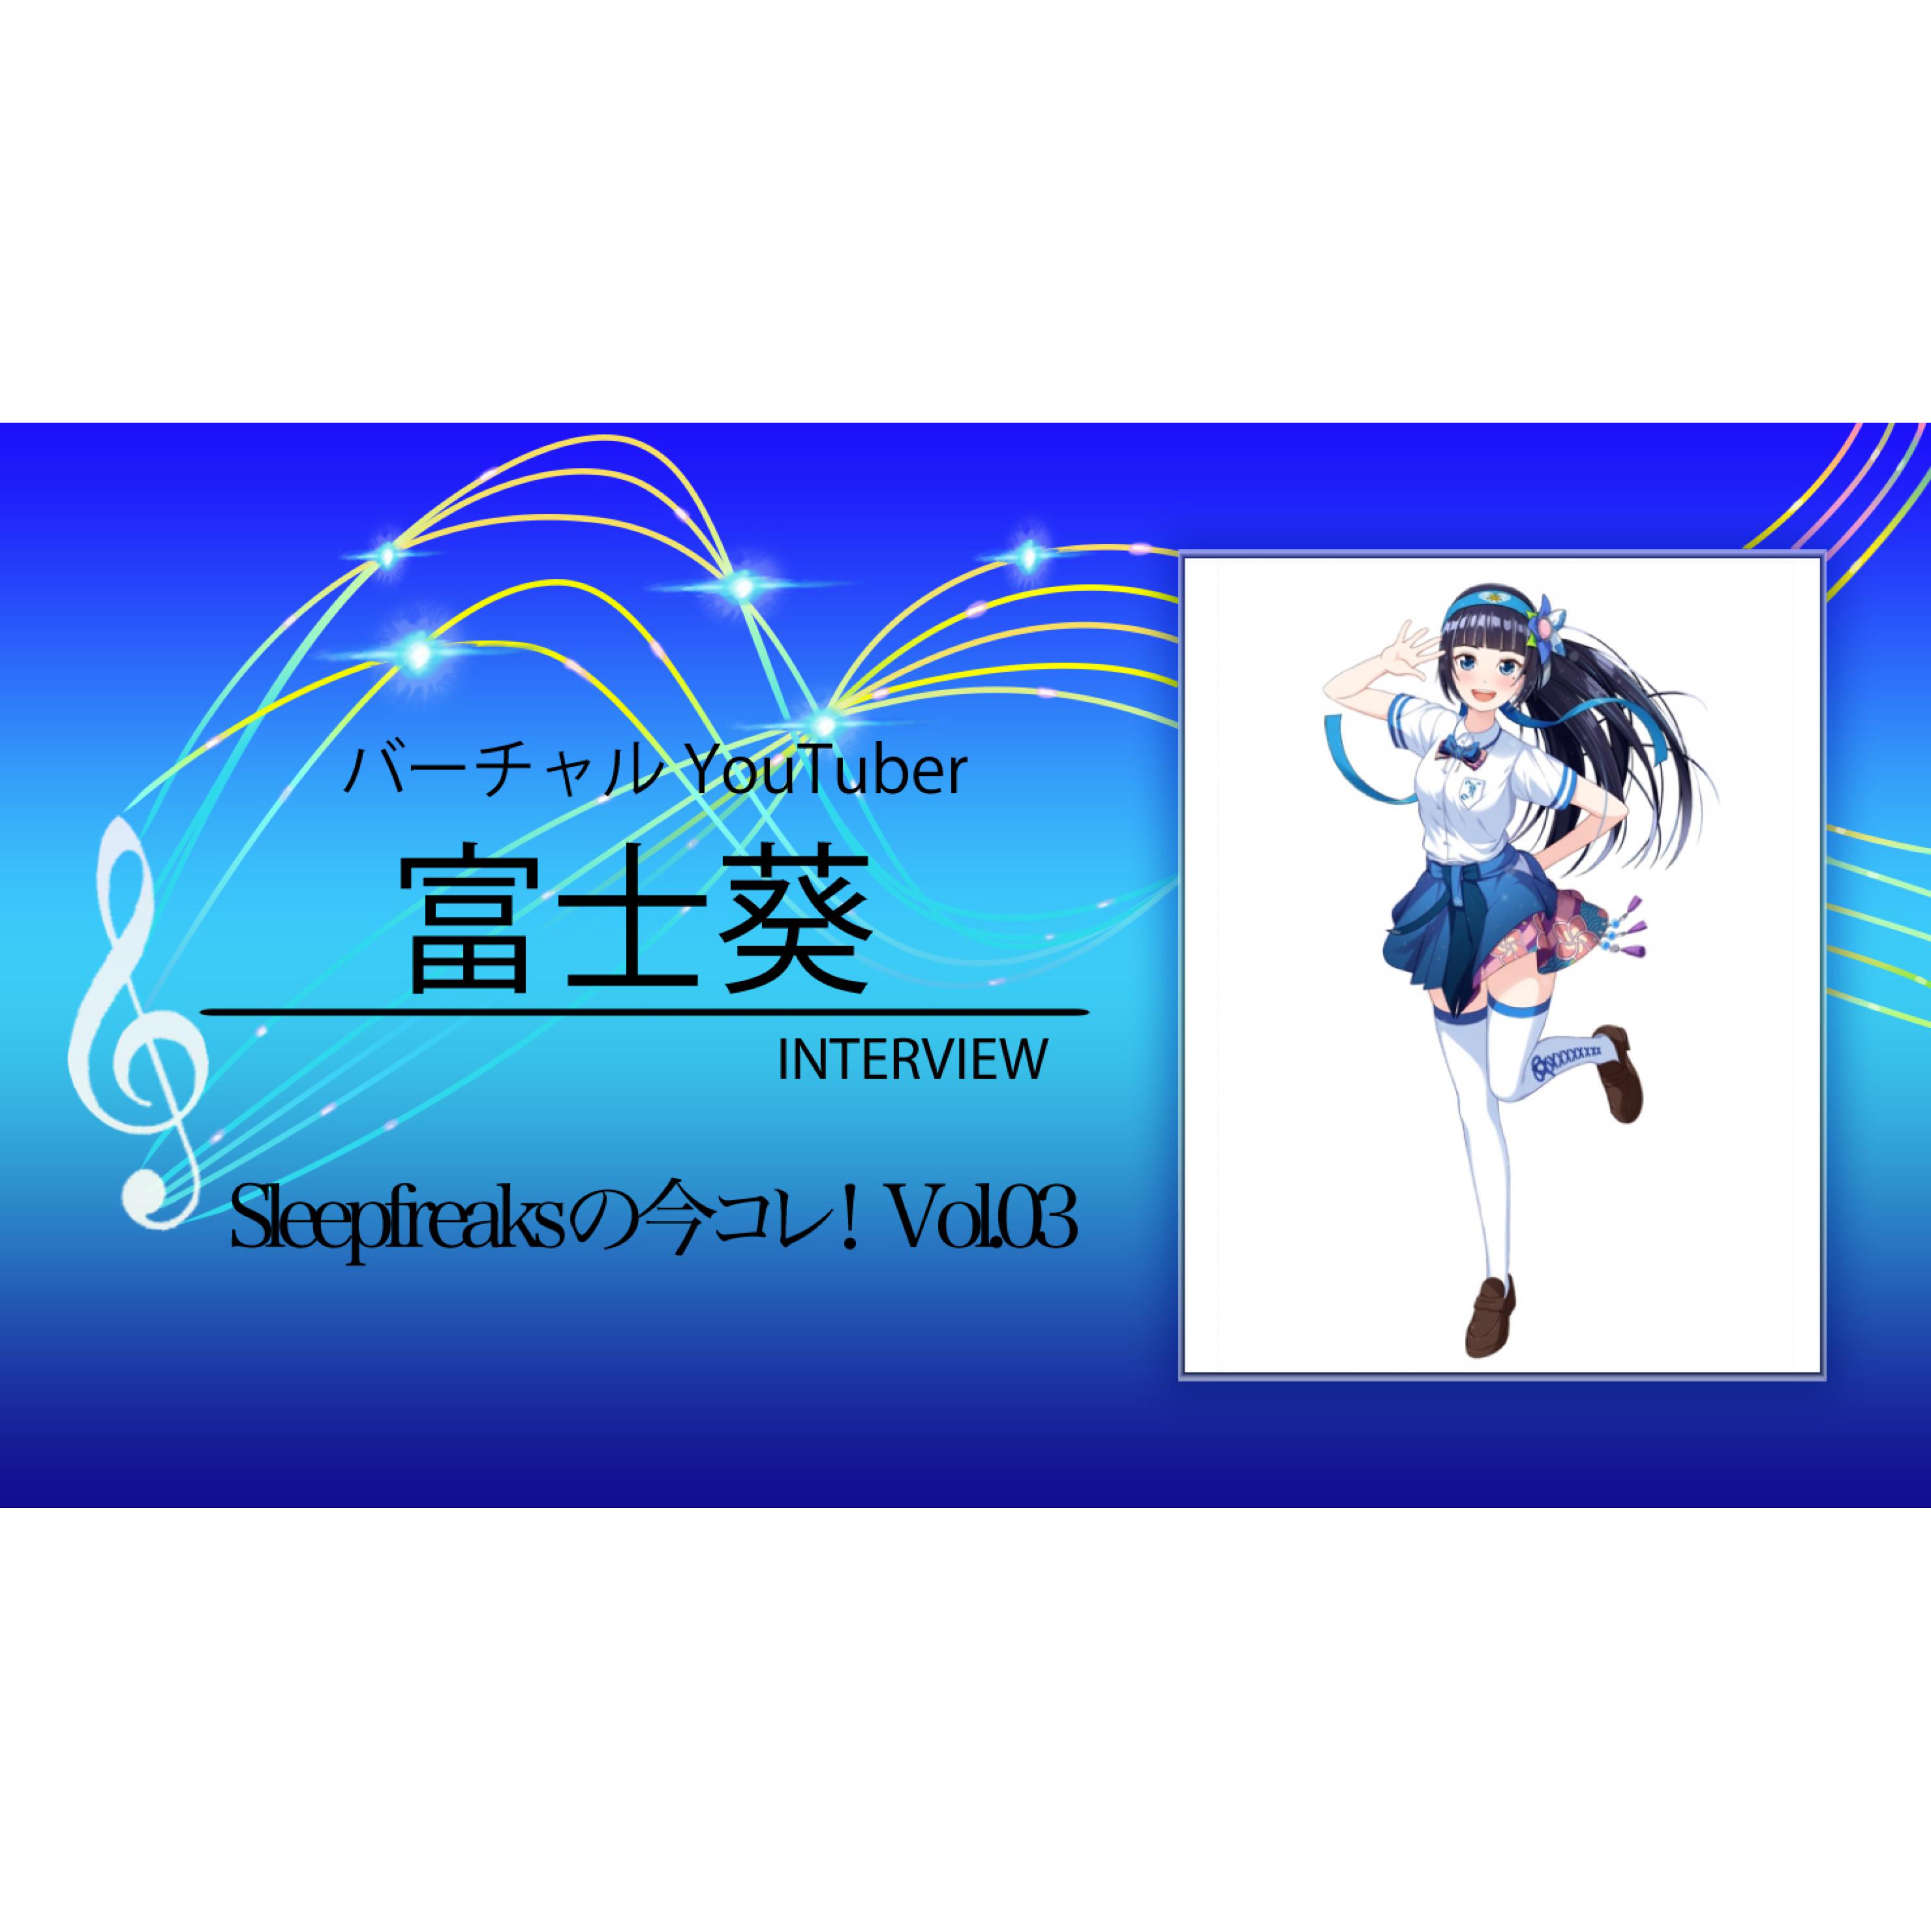 メジャーデビュー決定!VTuber「富士葵」さんへインタビュー【Sleepfreaksの今コレ!#3】